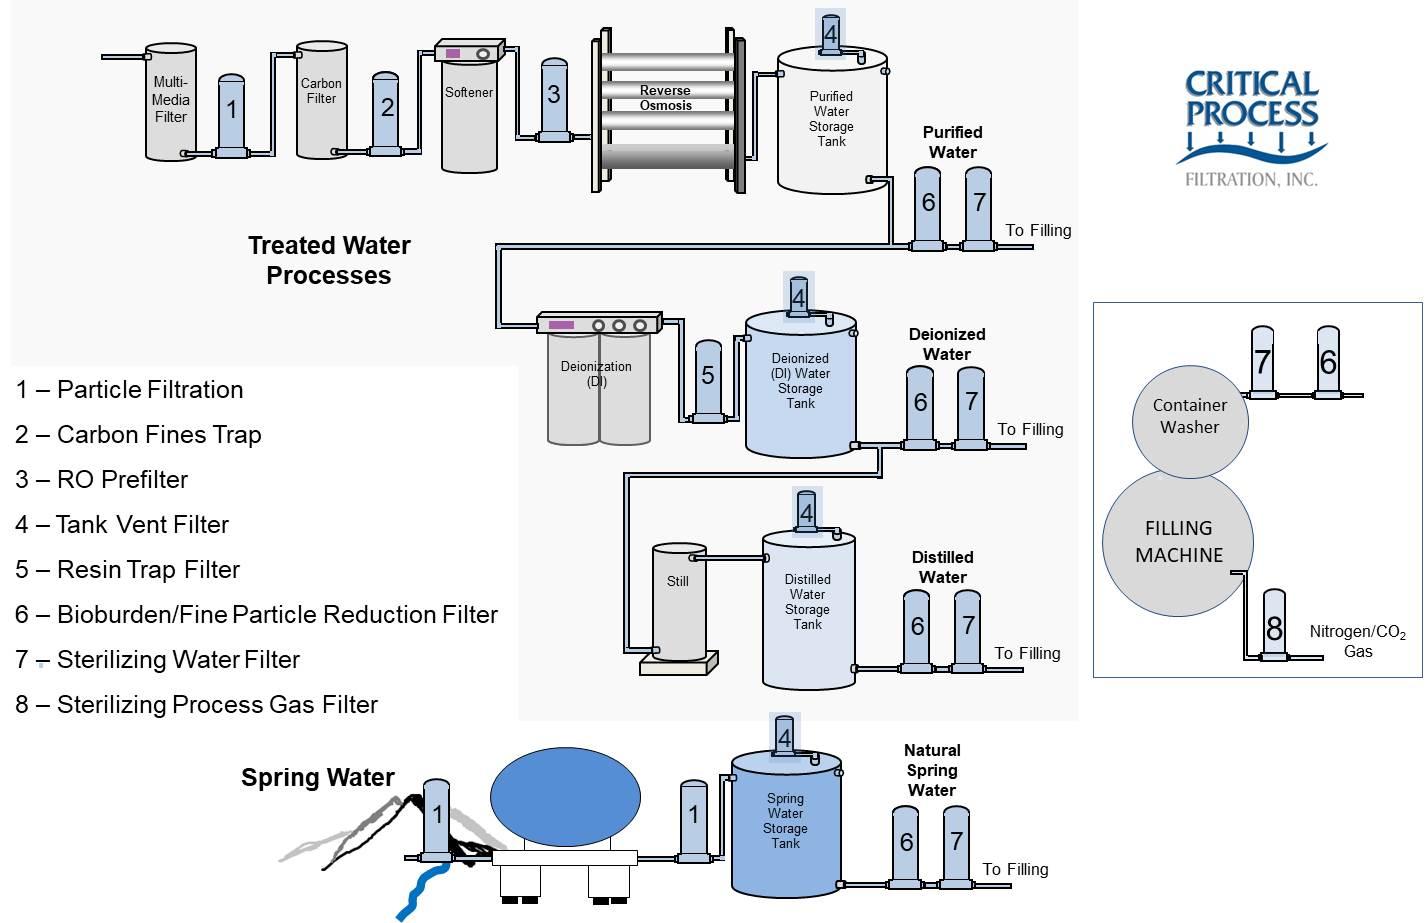 Bottled Water Schematic.jpg